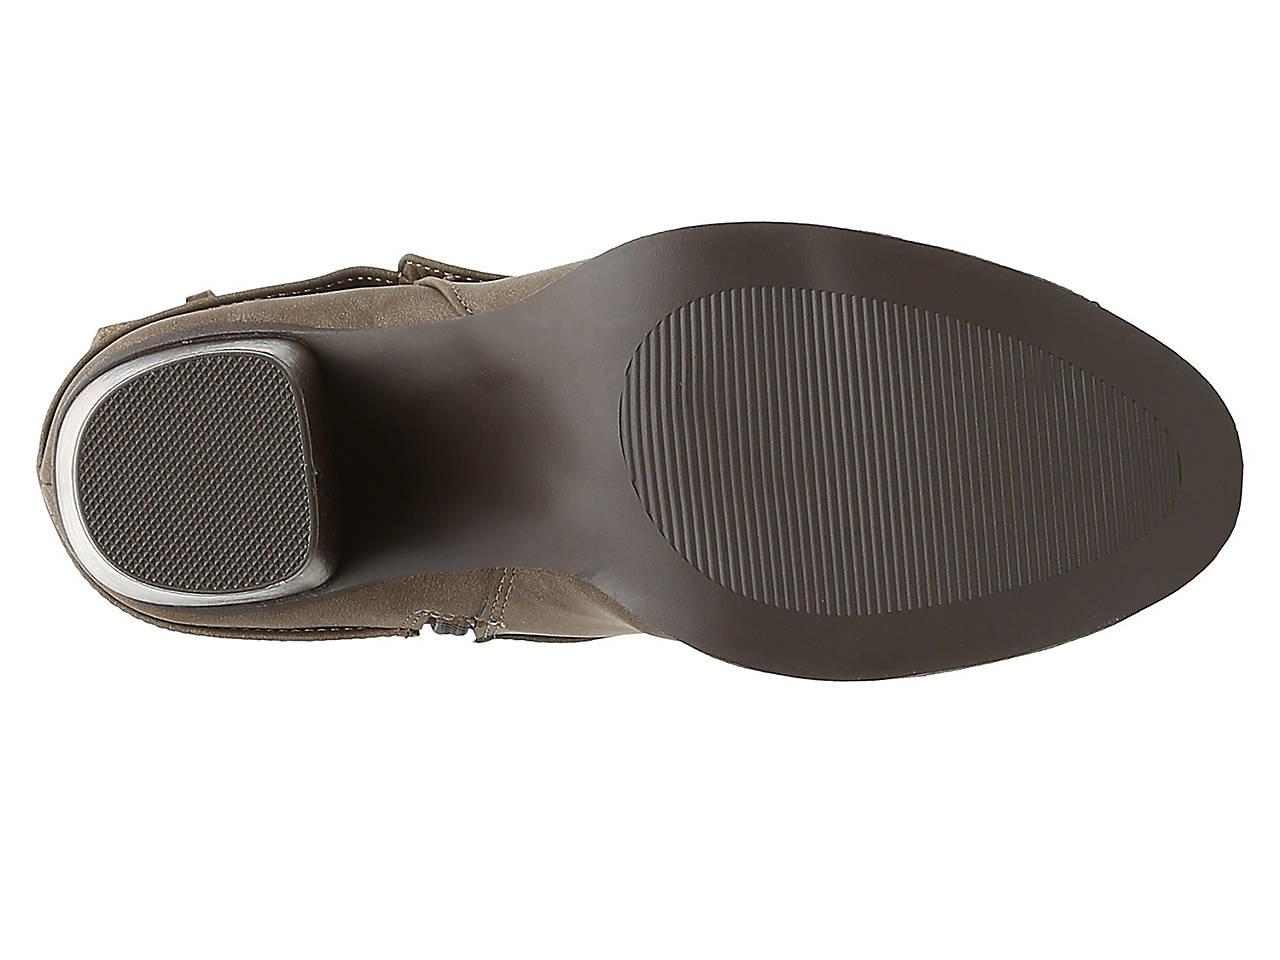 e40692b434a Madden Girl Dylann Bootie Women s Shoes